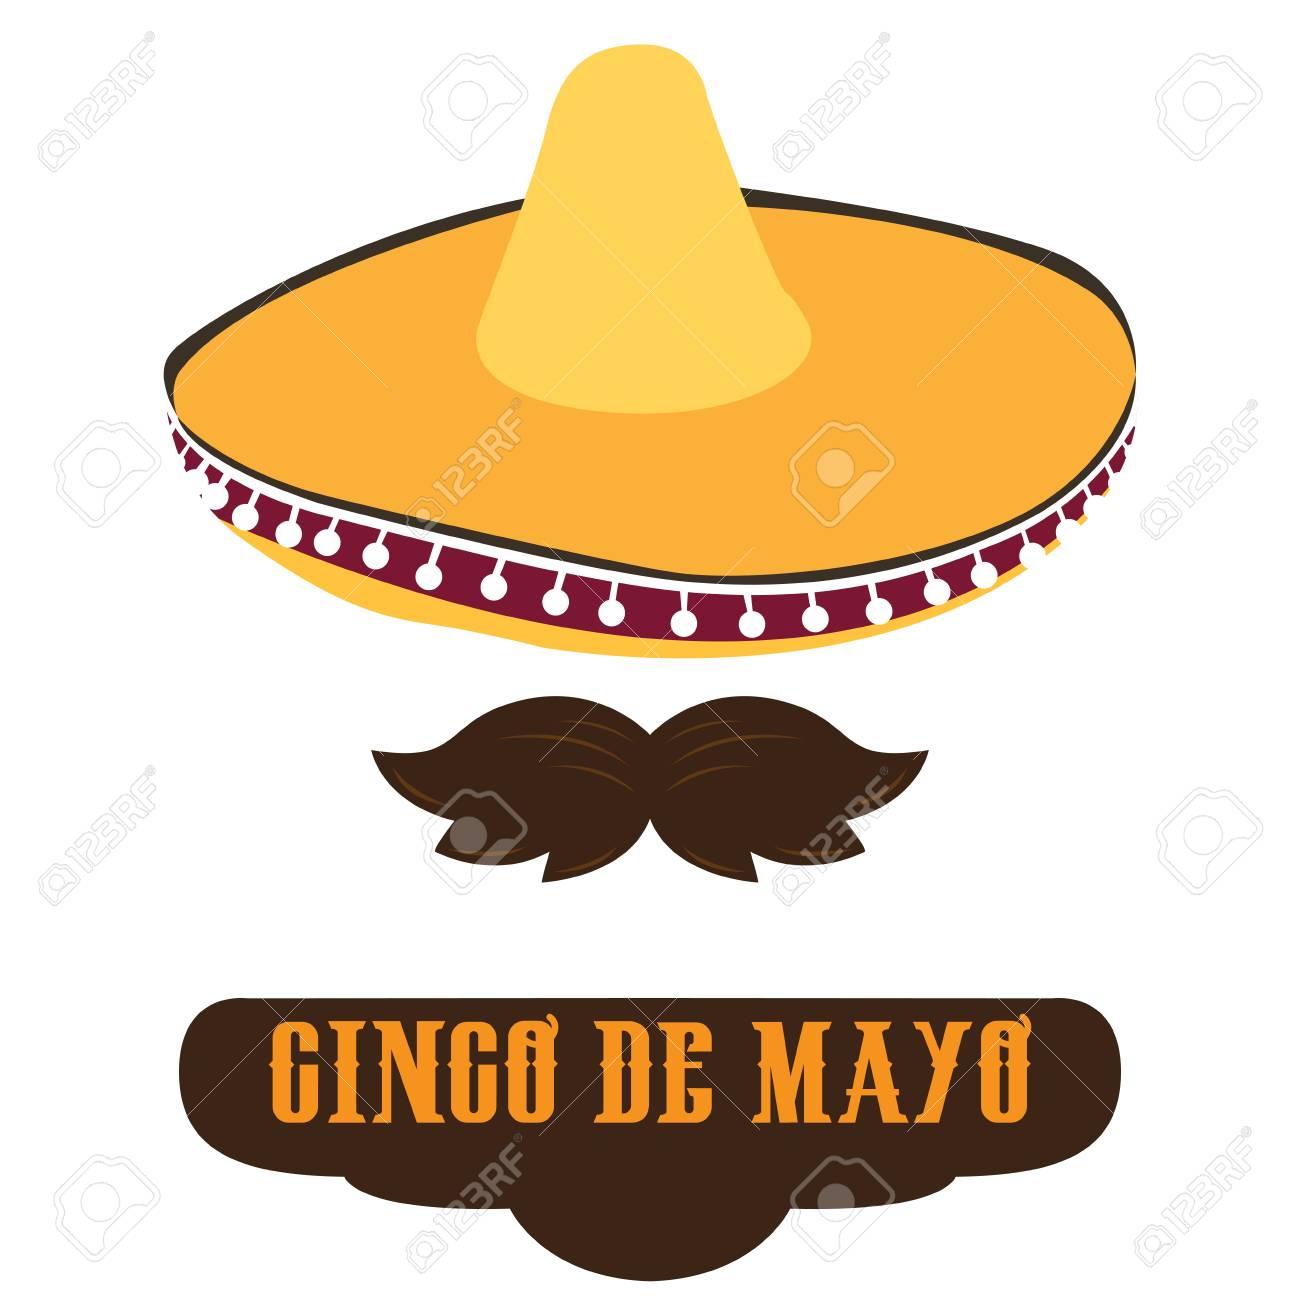 Foto de archivo - Sombrero tradicional aislado y un bigote f90cd37fe07